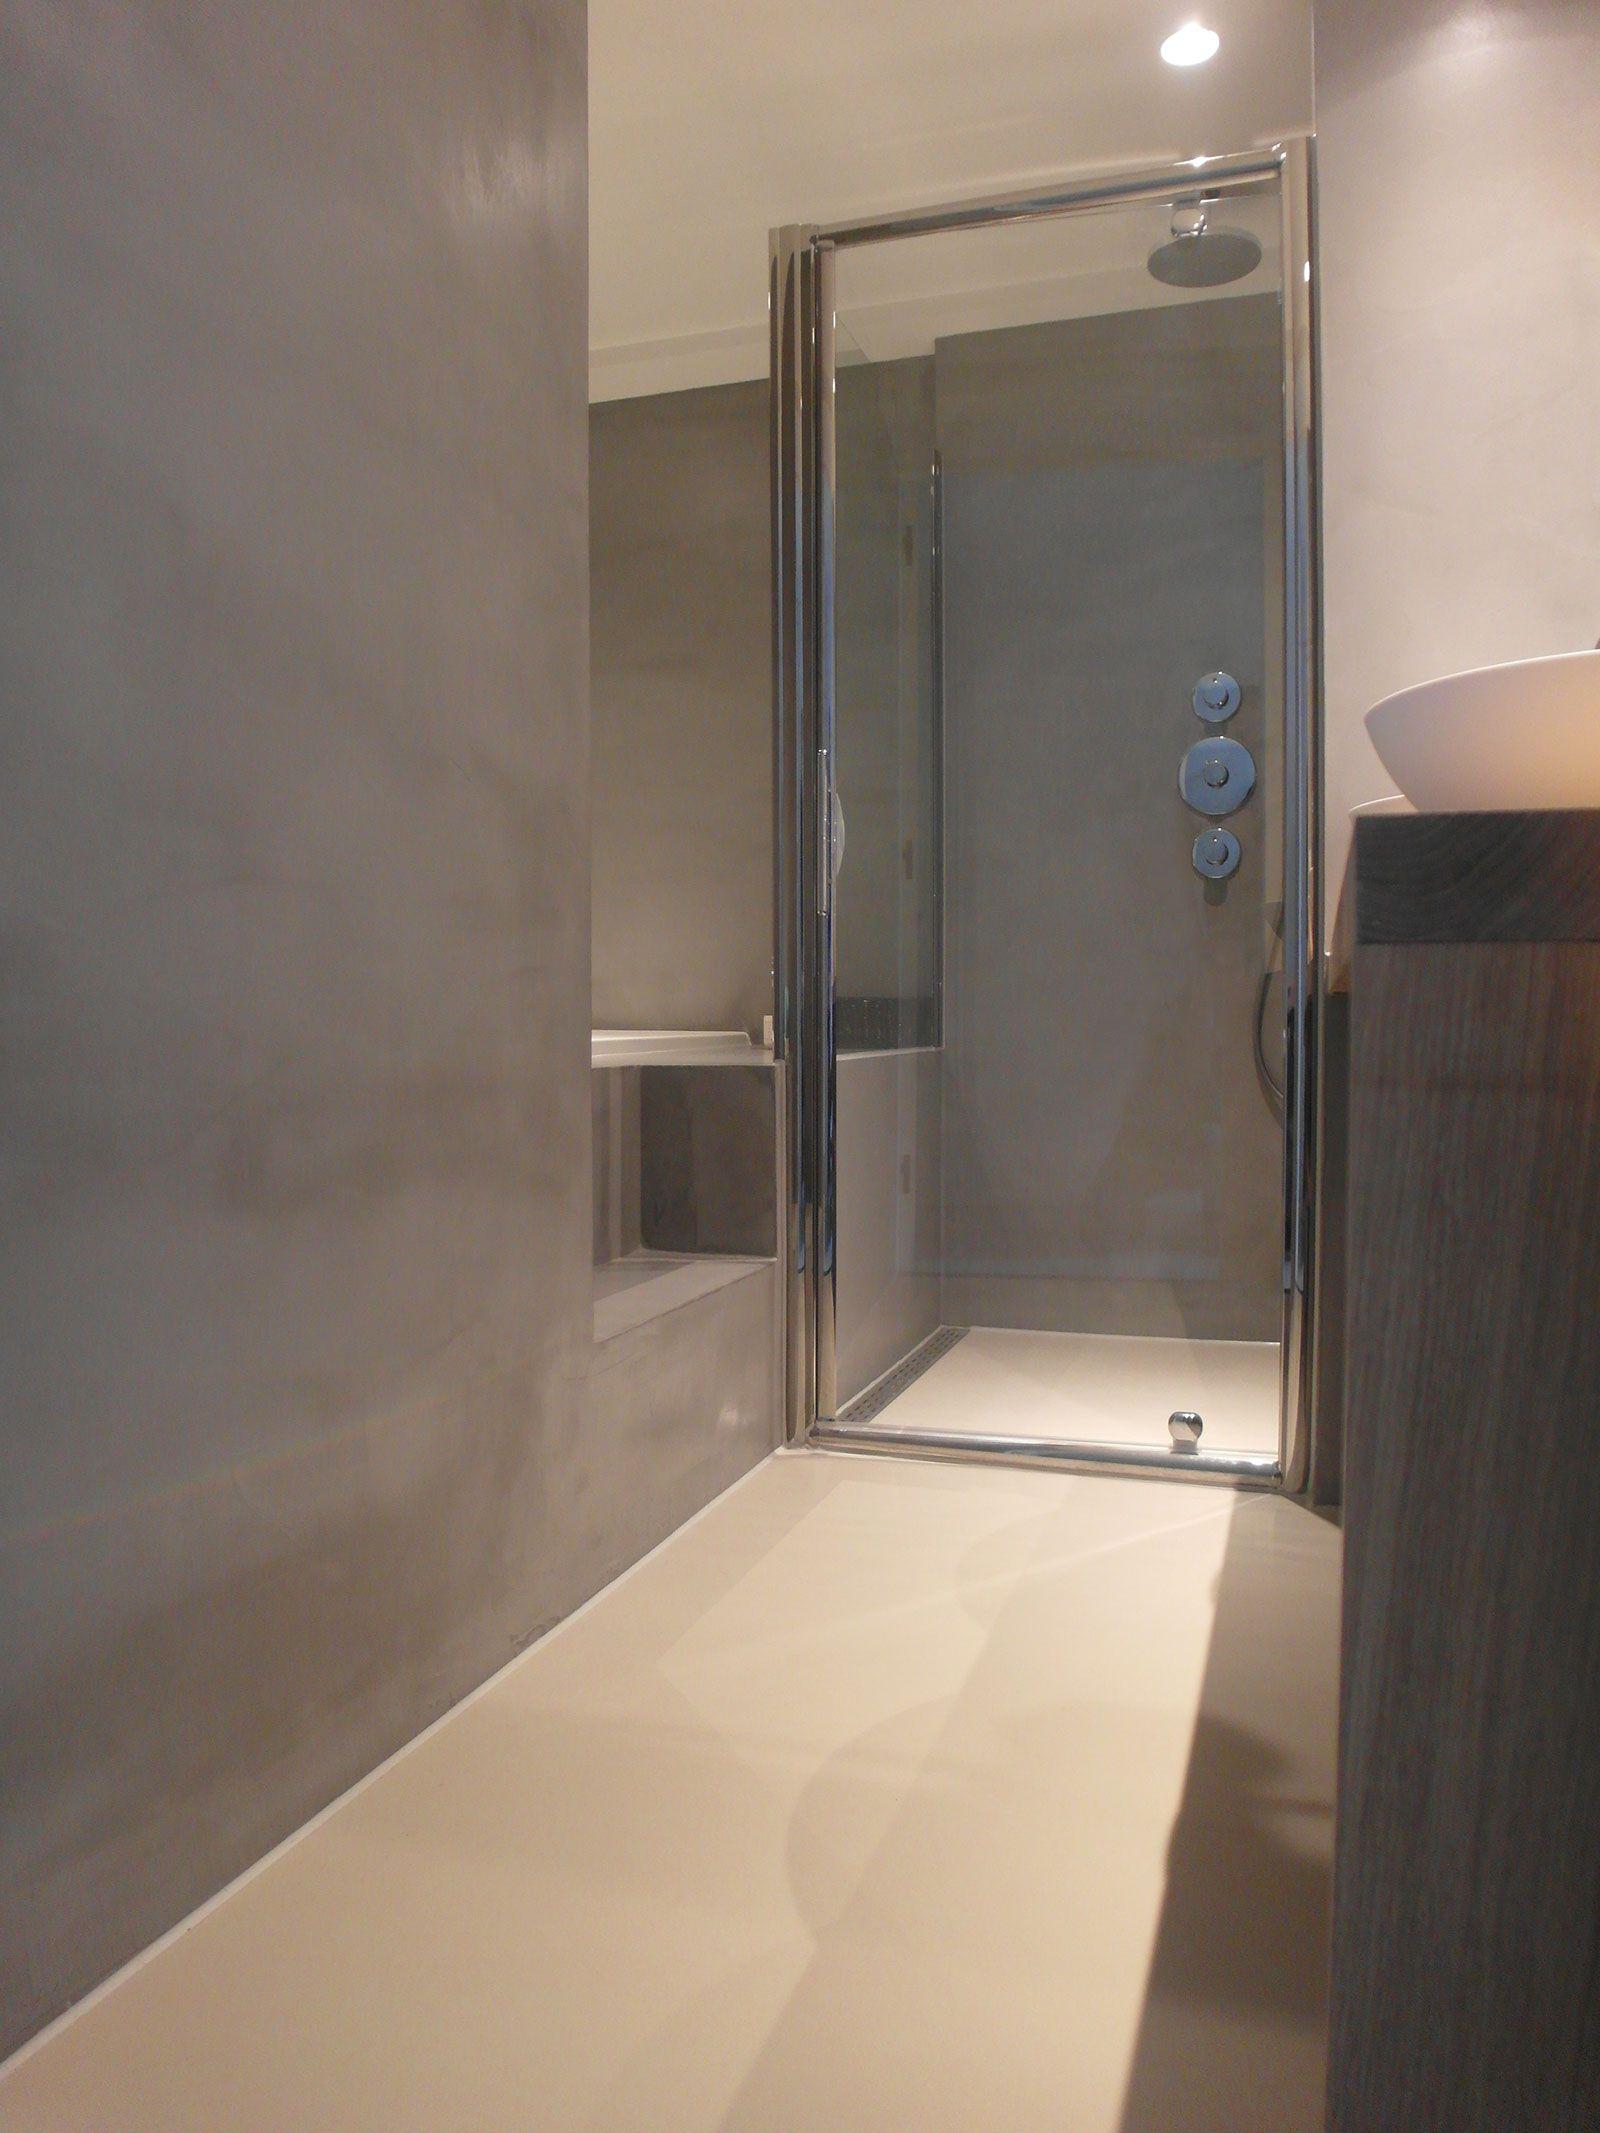 gietvloer badkamer amsterdam microcement microcement badkamer